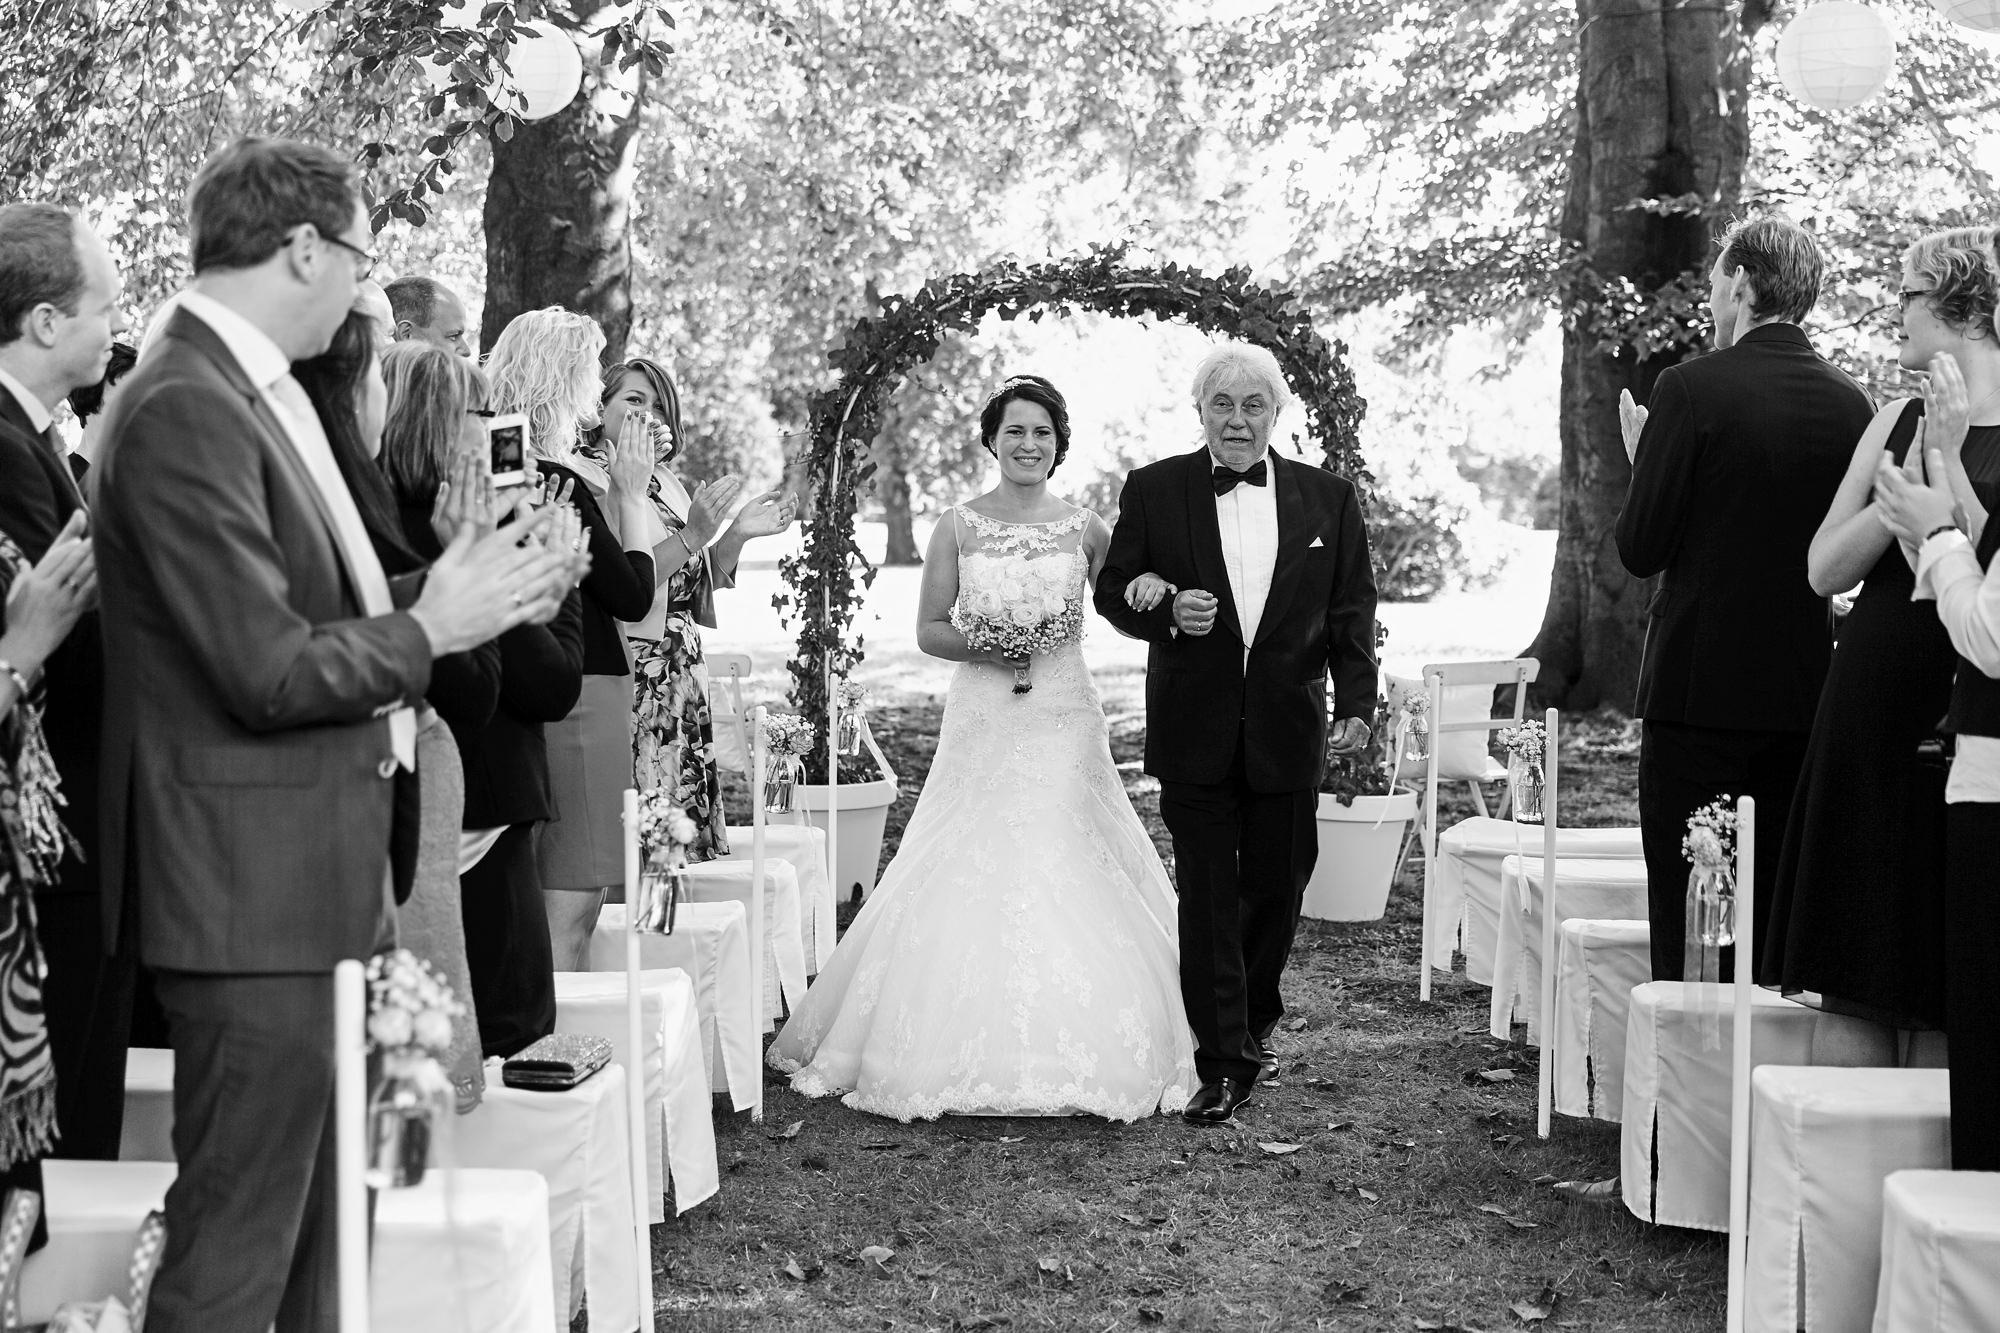 bruidsfotografie-duitsland-schloss Hertefeld-weeze-trouwreportage-279A.jpg